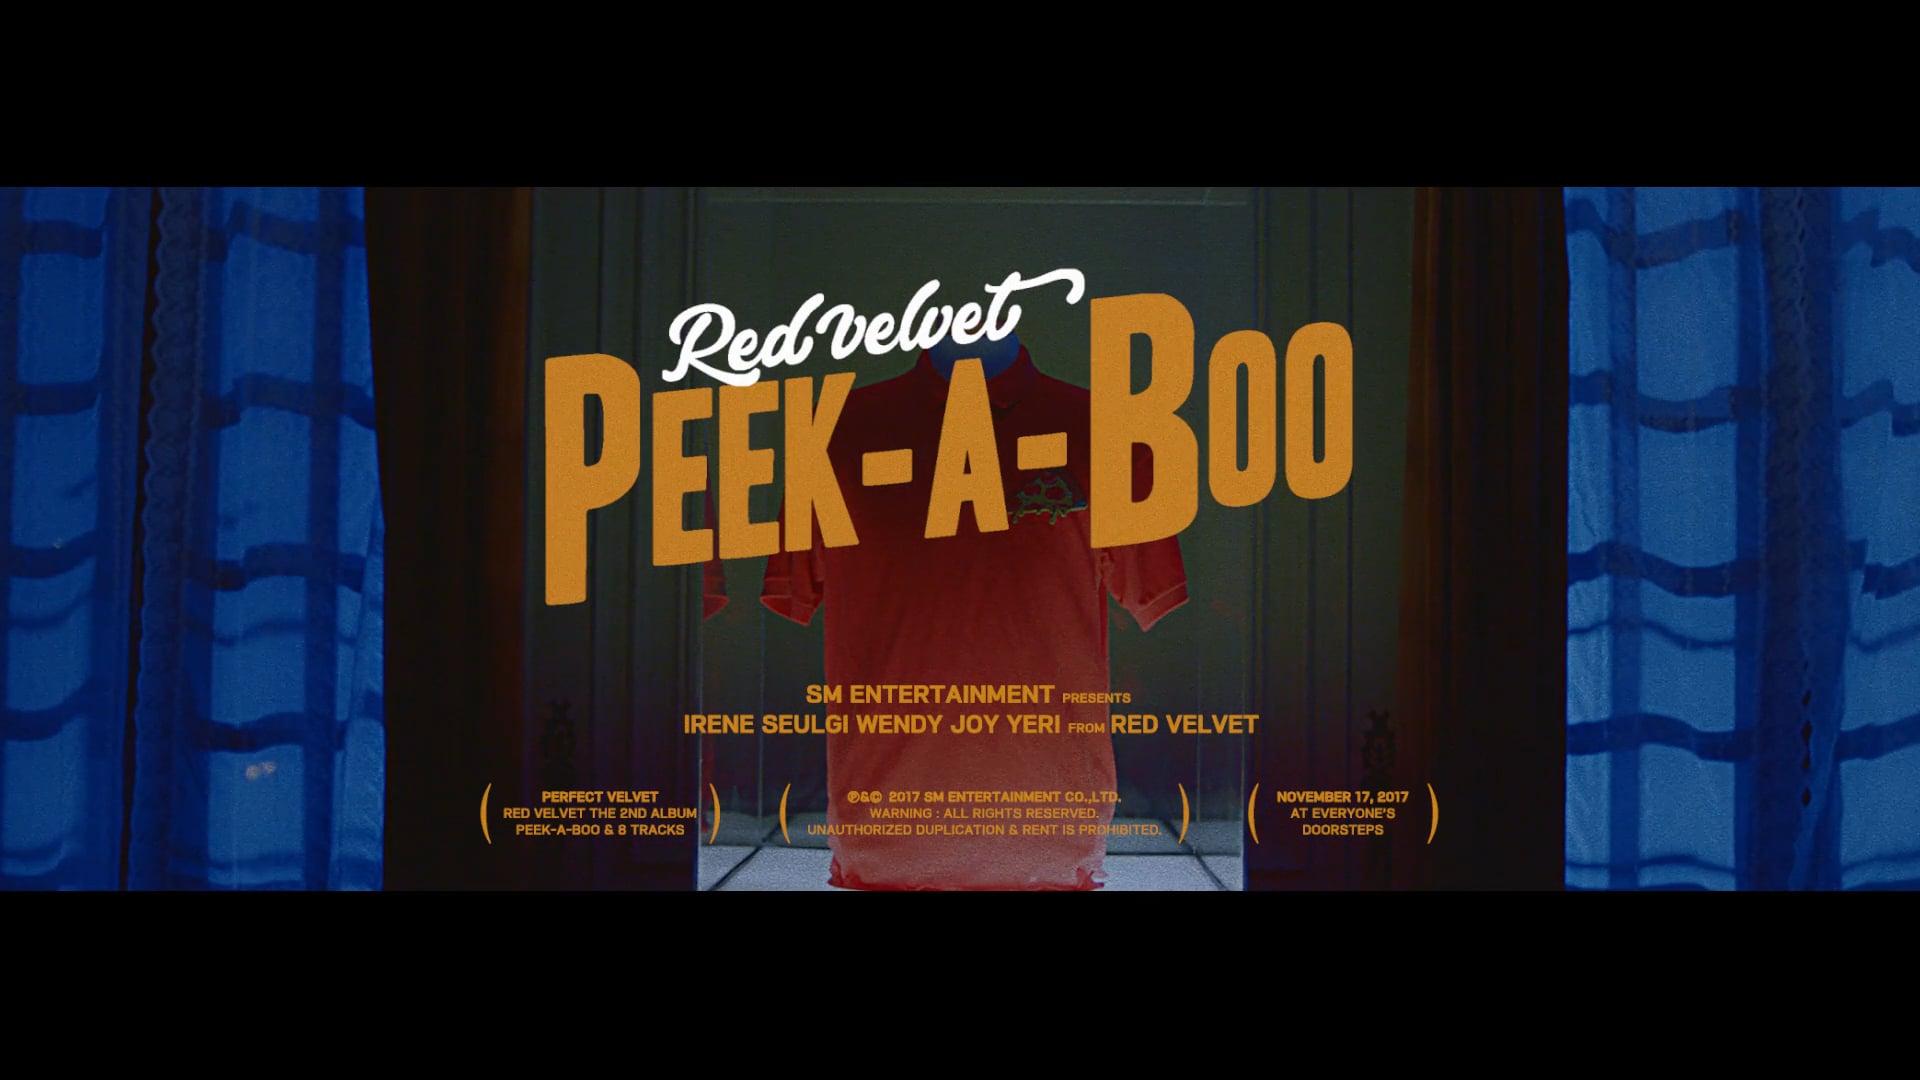 Red Velvet Peek A Boo Jpg Hd 1920x1080 Download Hd Wallpaper Wallpapertip